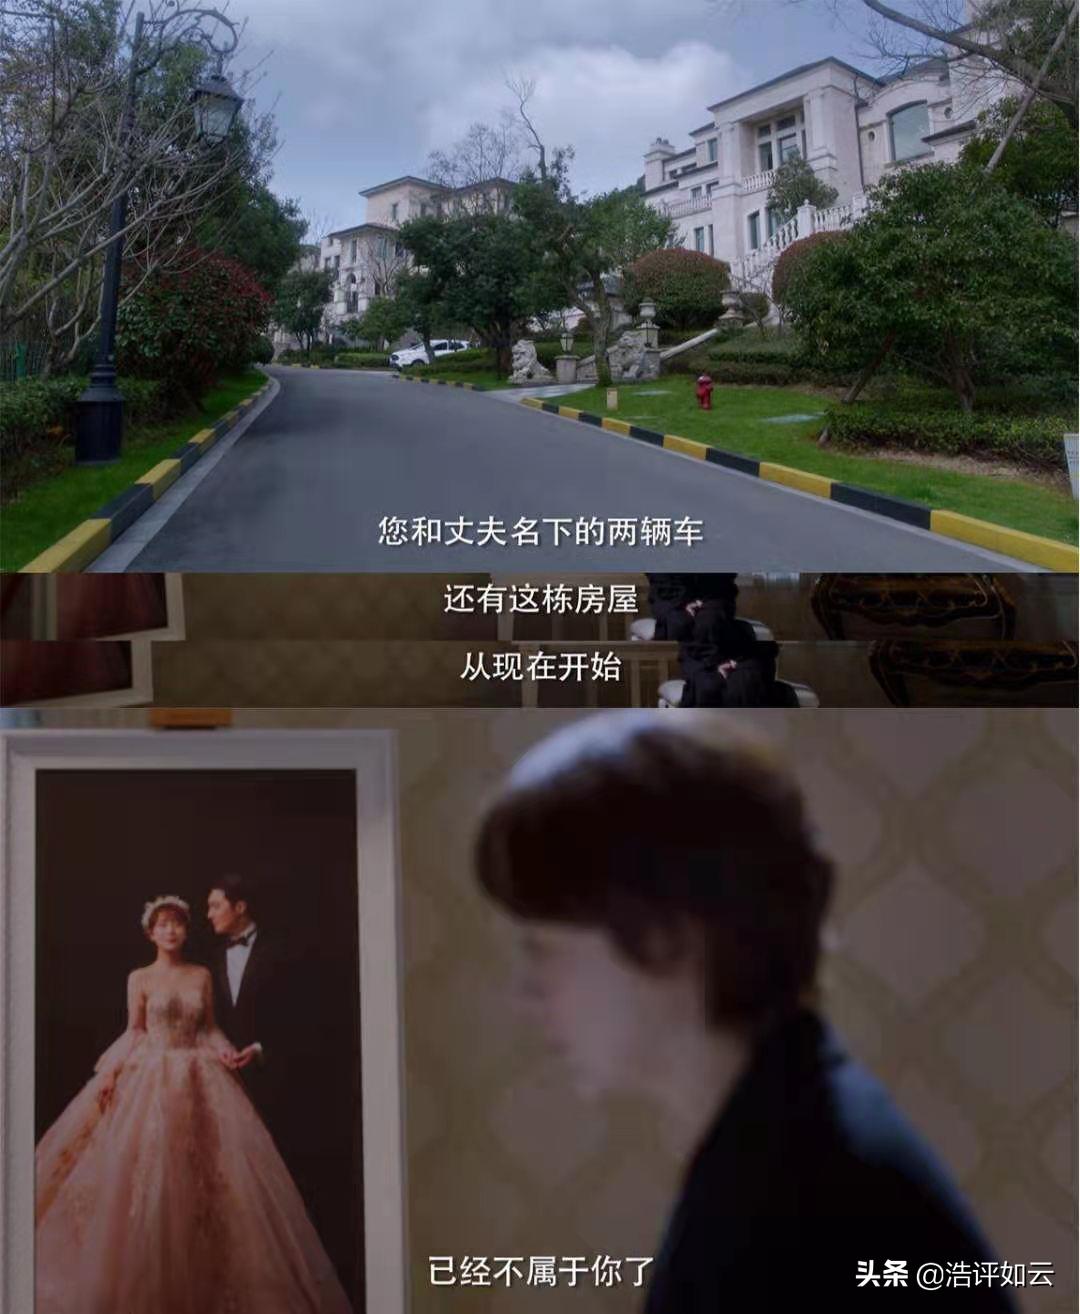 《甜蜜》:开局并不甜蜜,丈夫猝死,欠债数亿,看海清如何破局?